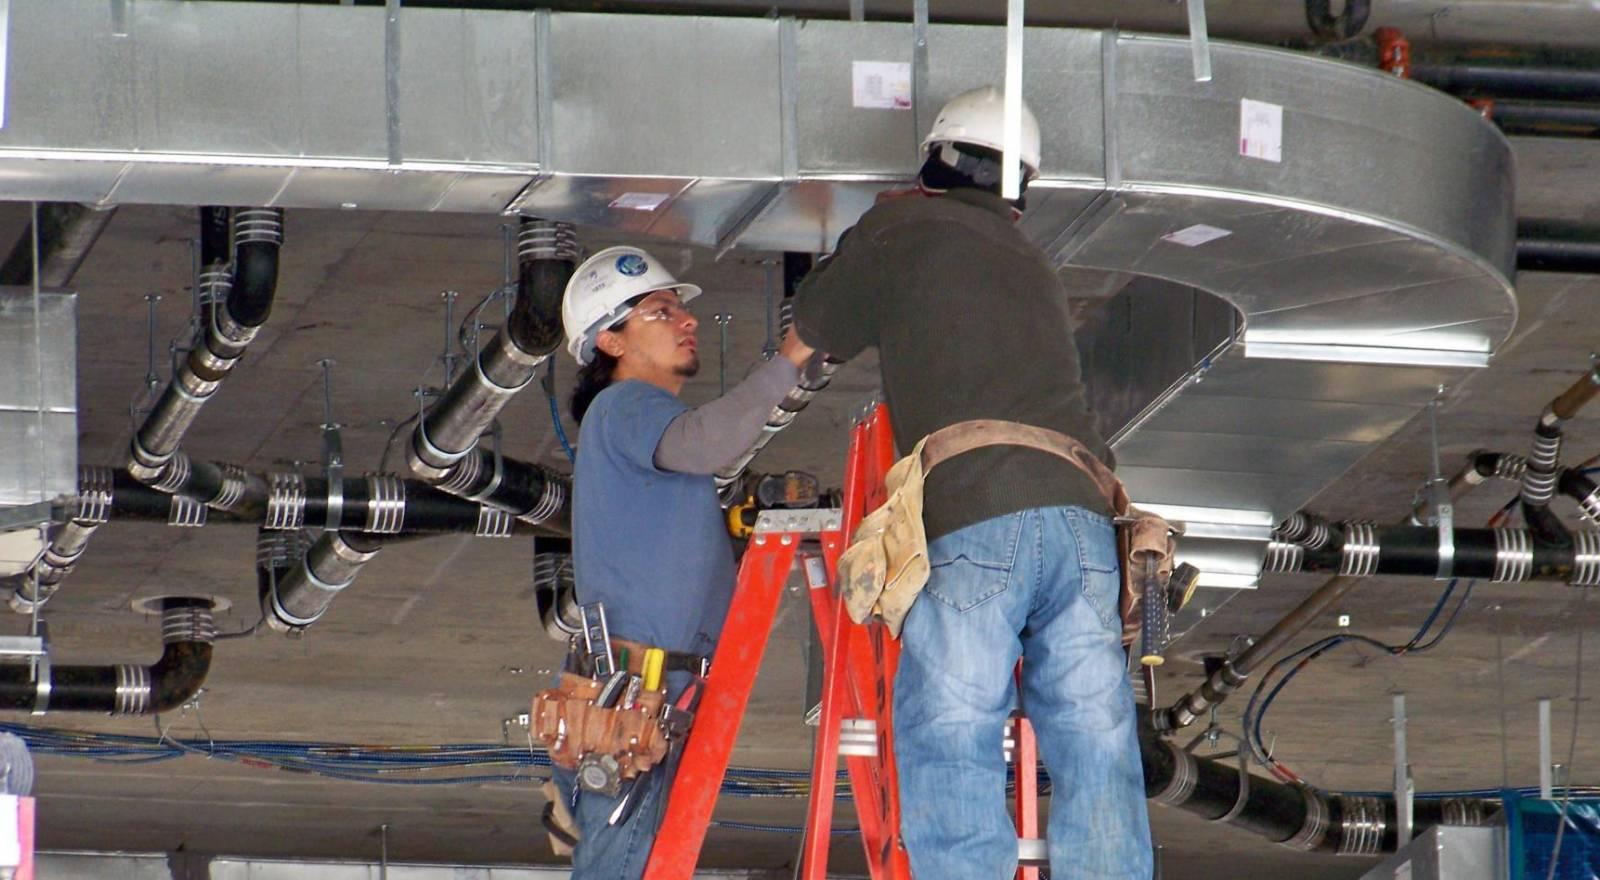 Сервисное техническое обслуживание и ремонт систем вентиляции и кондиционирования в СПб